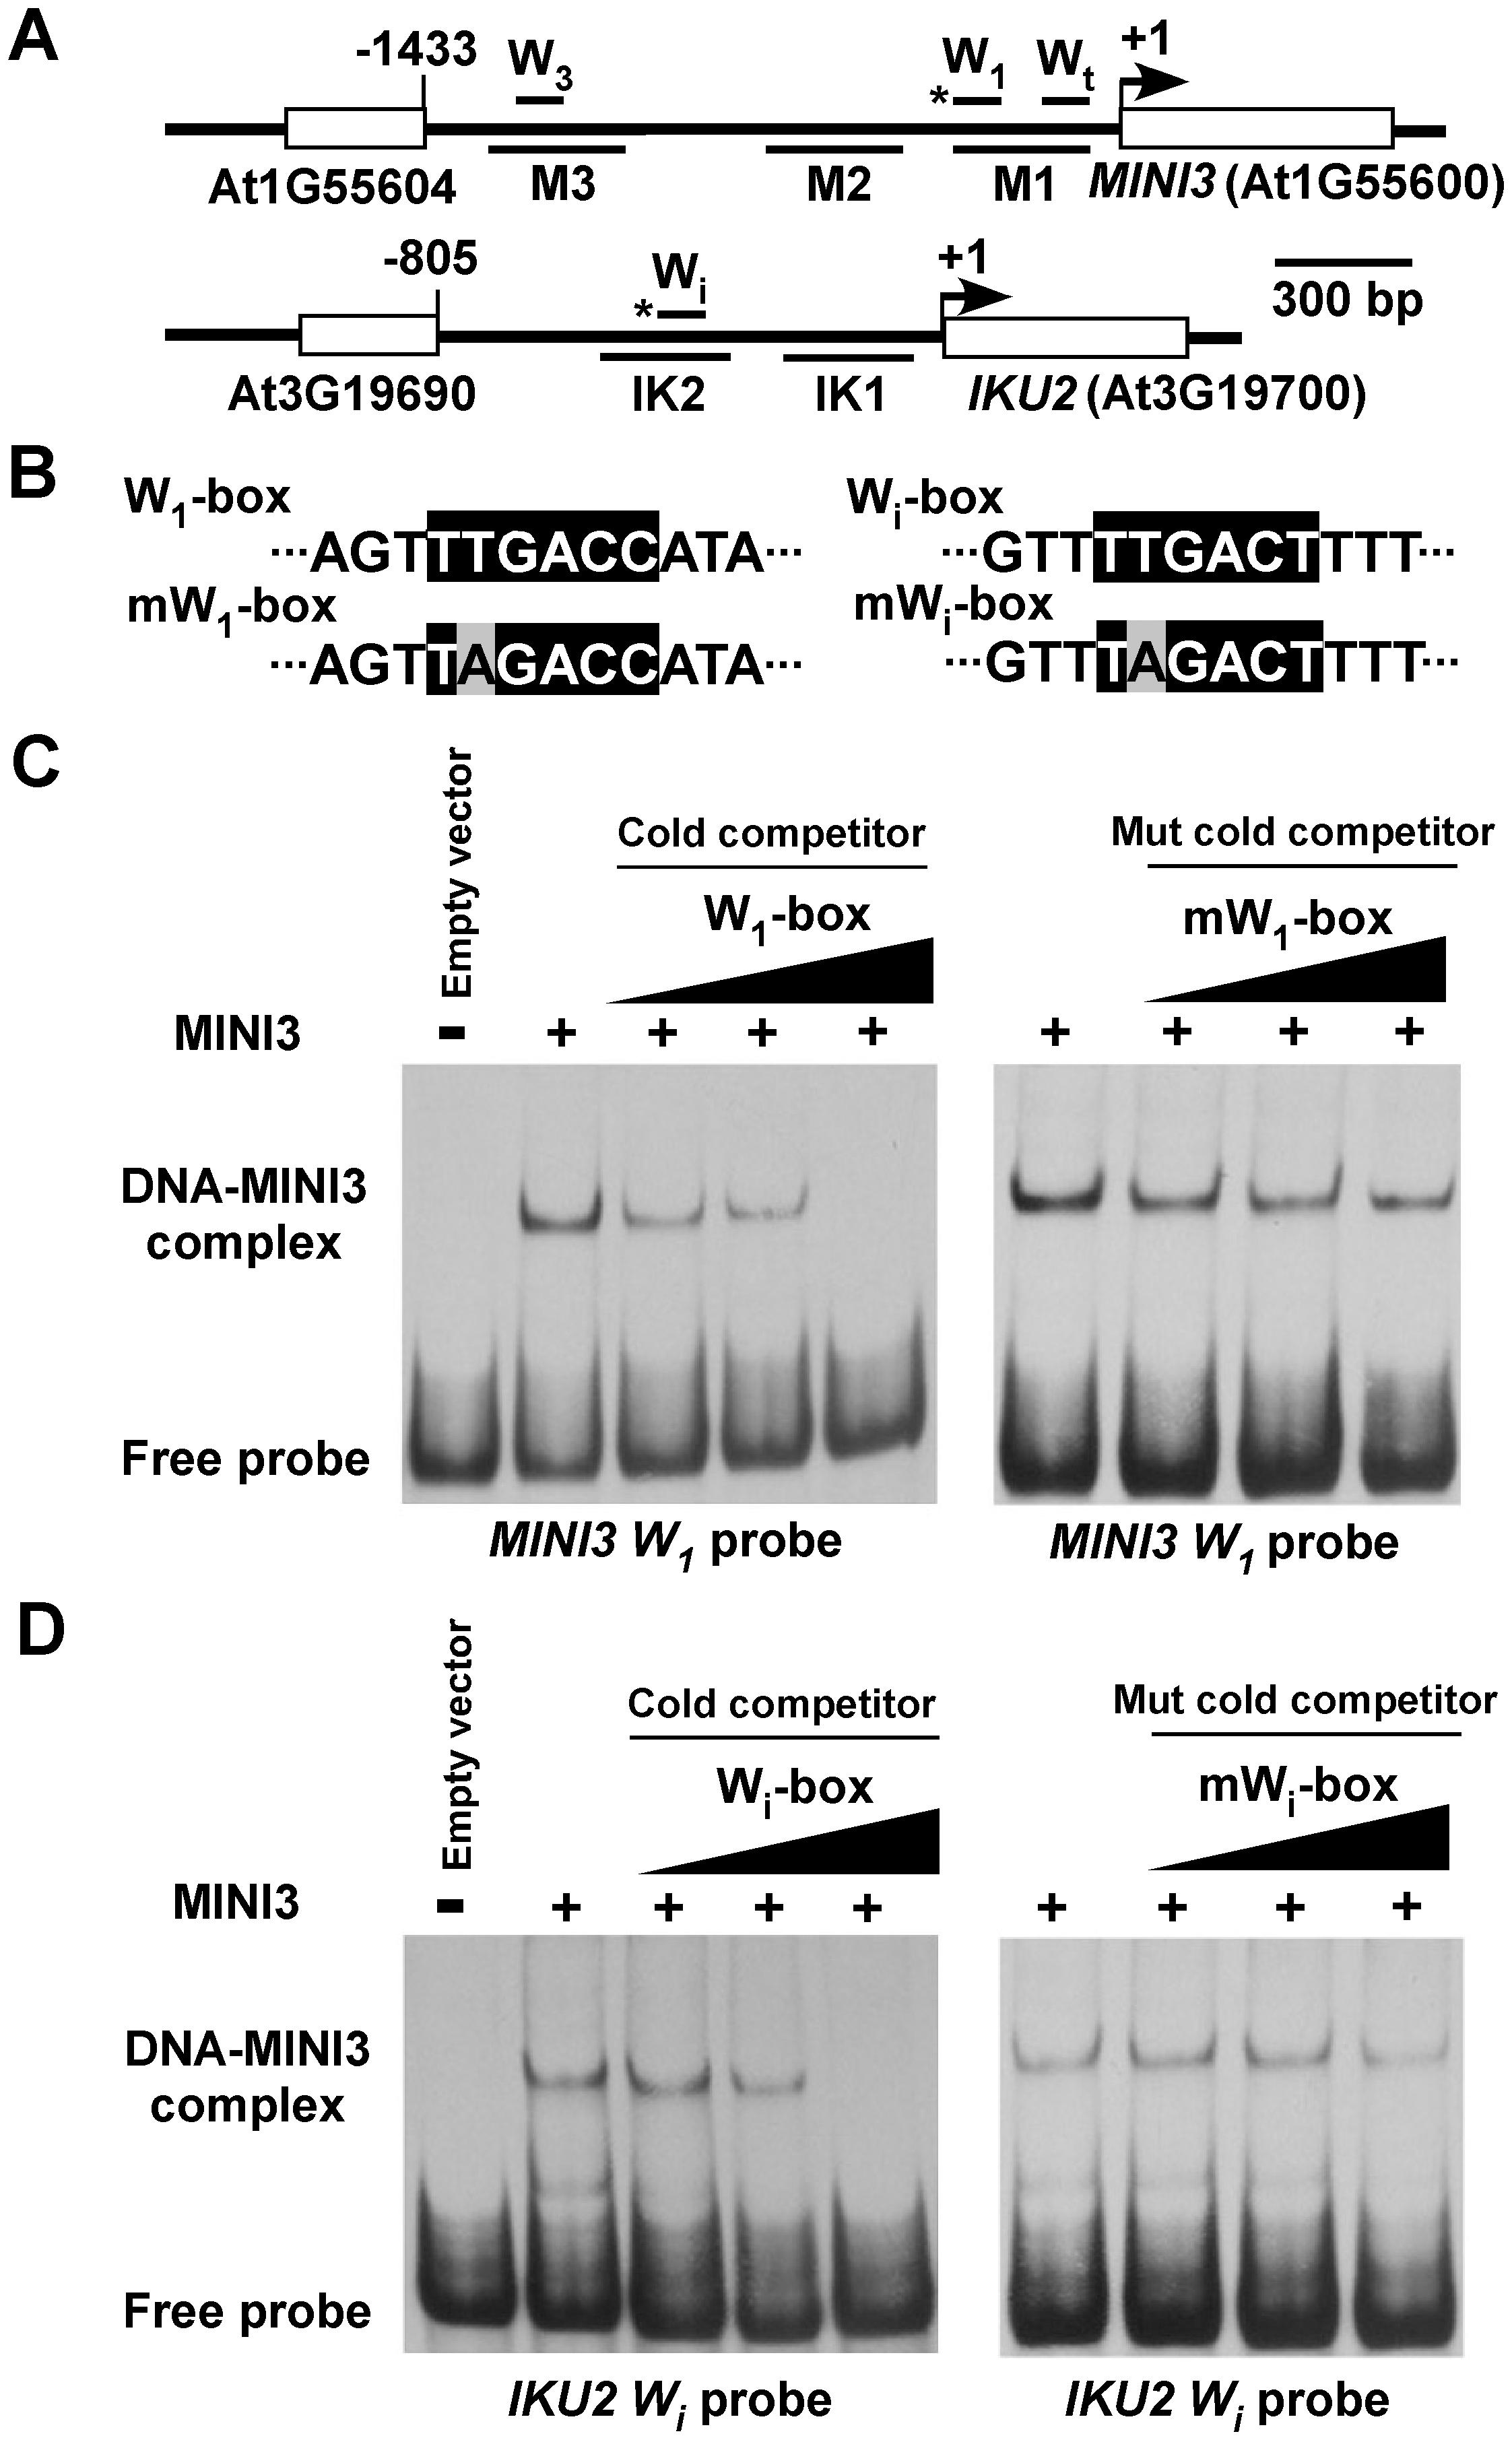 MINI3 binds to W-boxes in the <i>MINI3</i> and <i>IKU2</i> promoters.